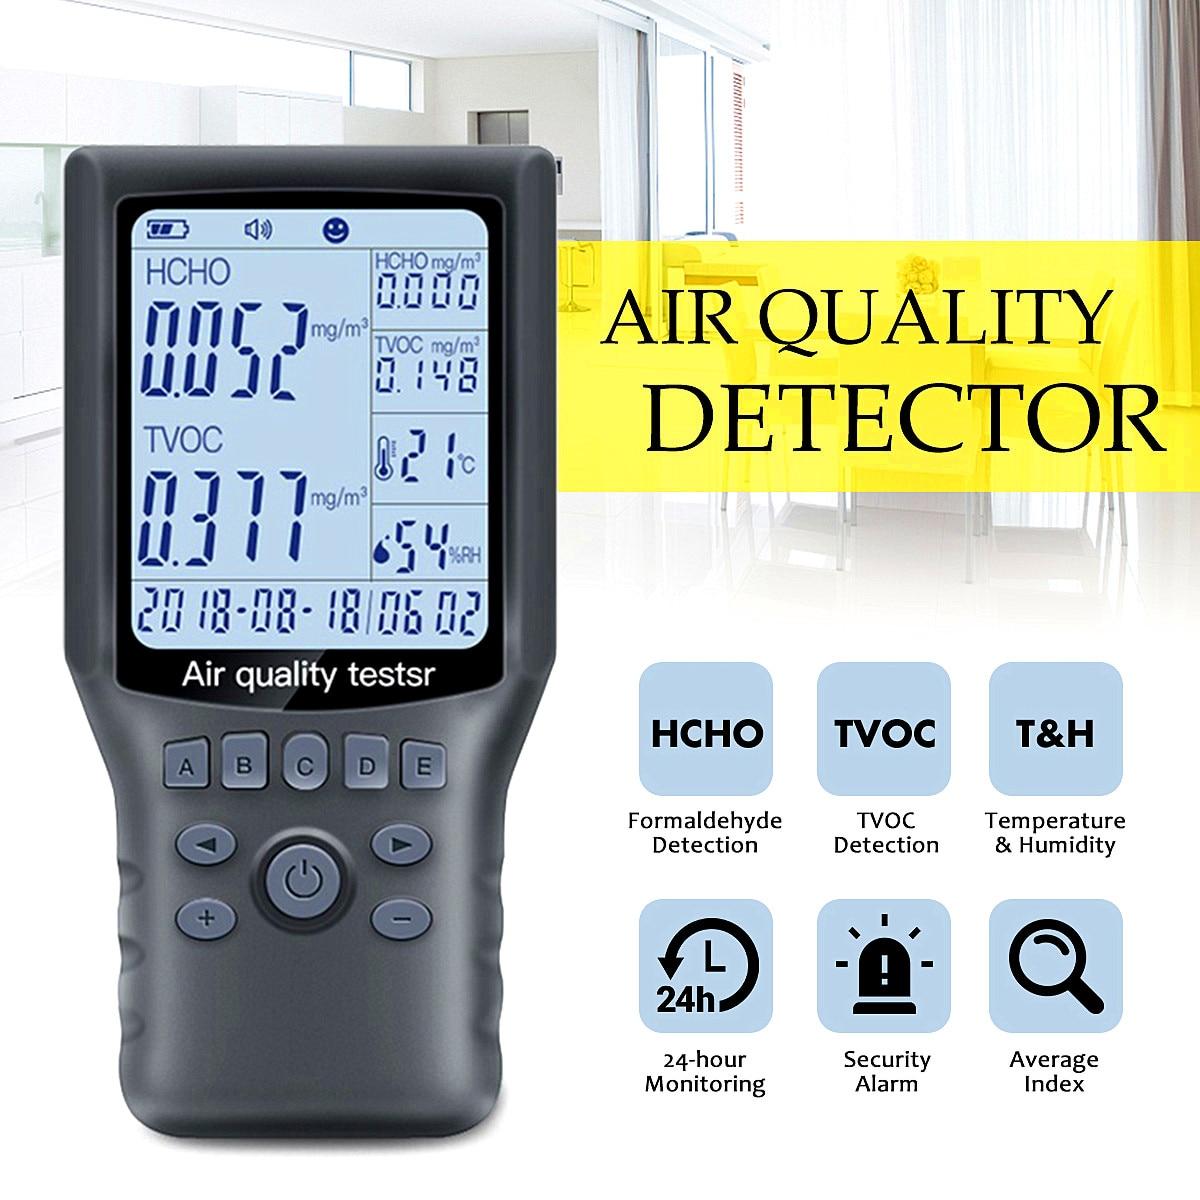 Analysatoren Tragbare Luft Qualität Detektor Hcho Tvoc Tester Gas Monitor/gas Analyzer/temperatur/feuchtigkeit Meter Auto Büro Diagnose Werkzeug